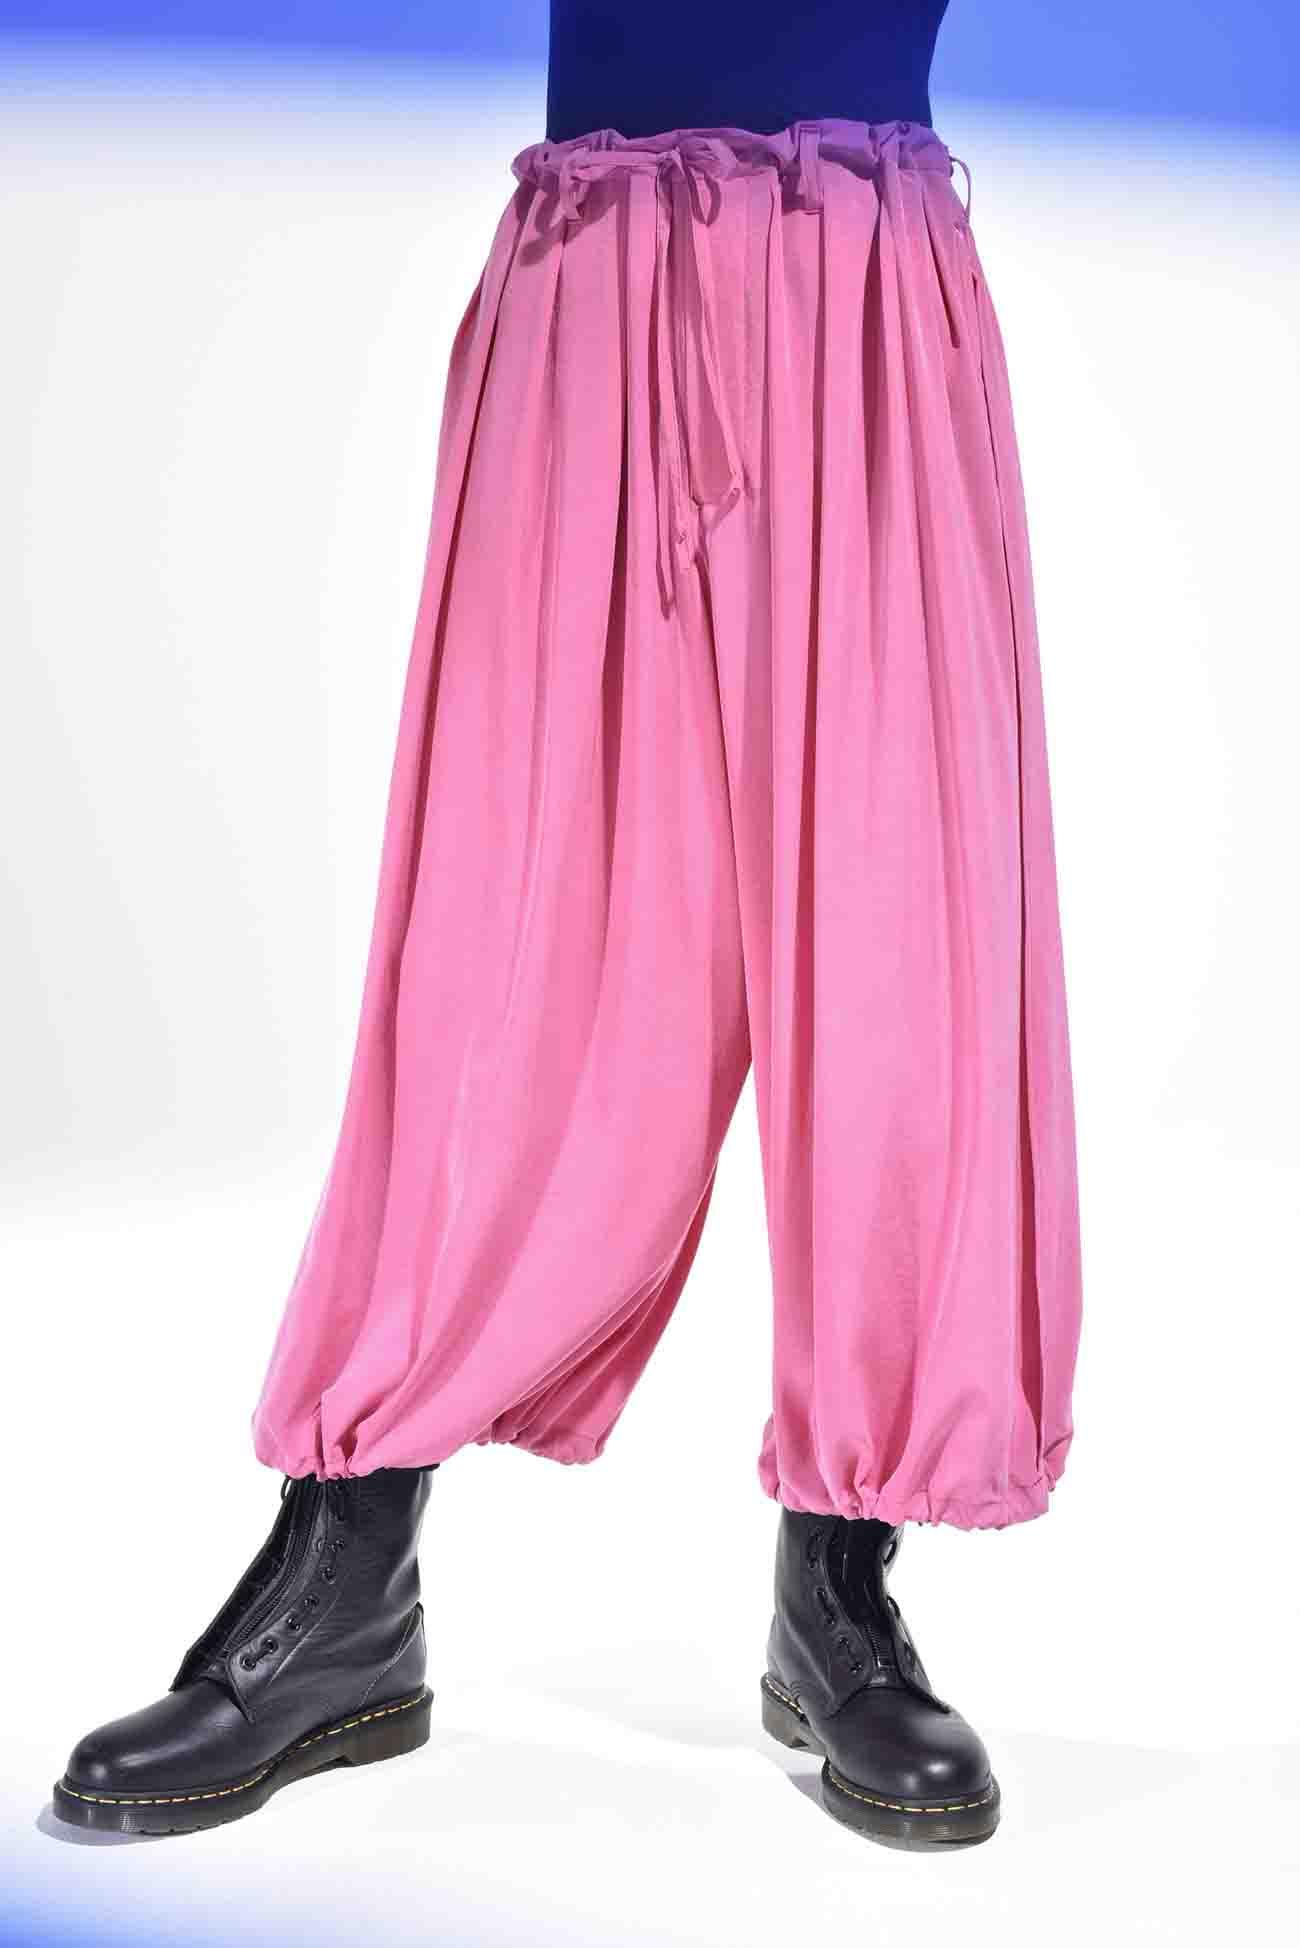 复古风情灯笼裤